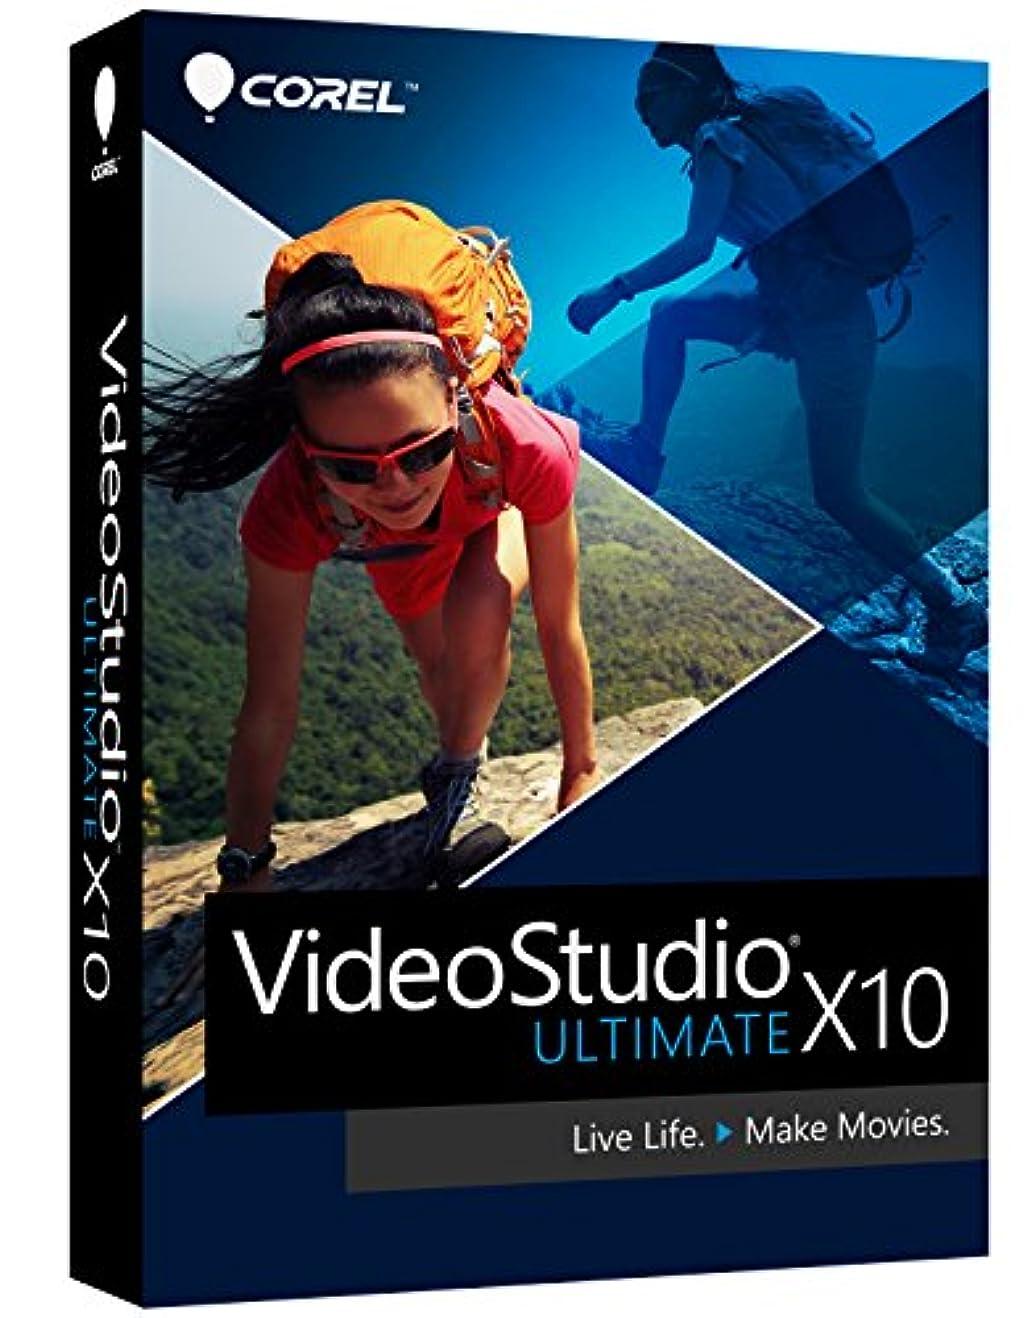 日記補助代表するVSPRX10ULMLMBAM PC用Corel VideoStudio Ultimate X10ビデオ編集スイート(旧バージョン)